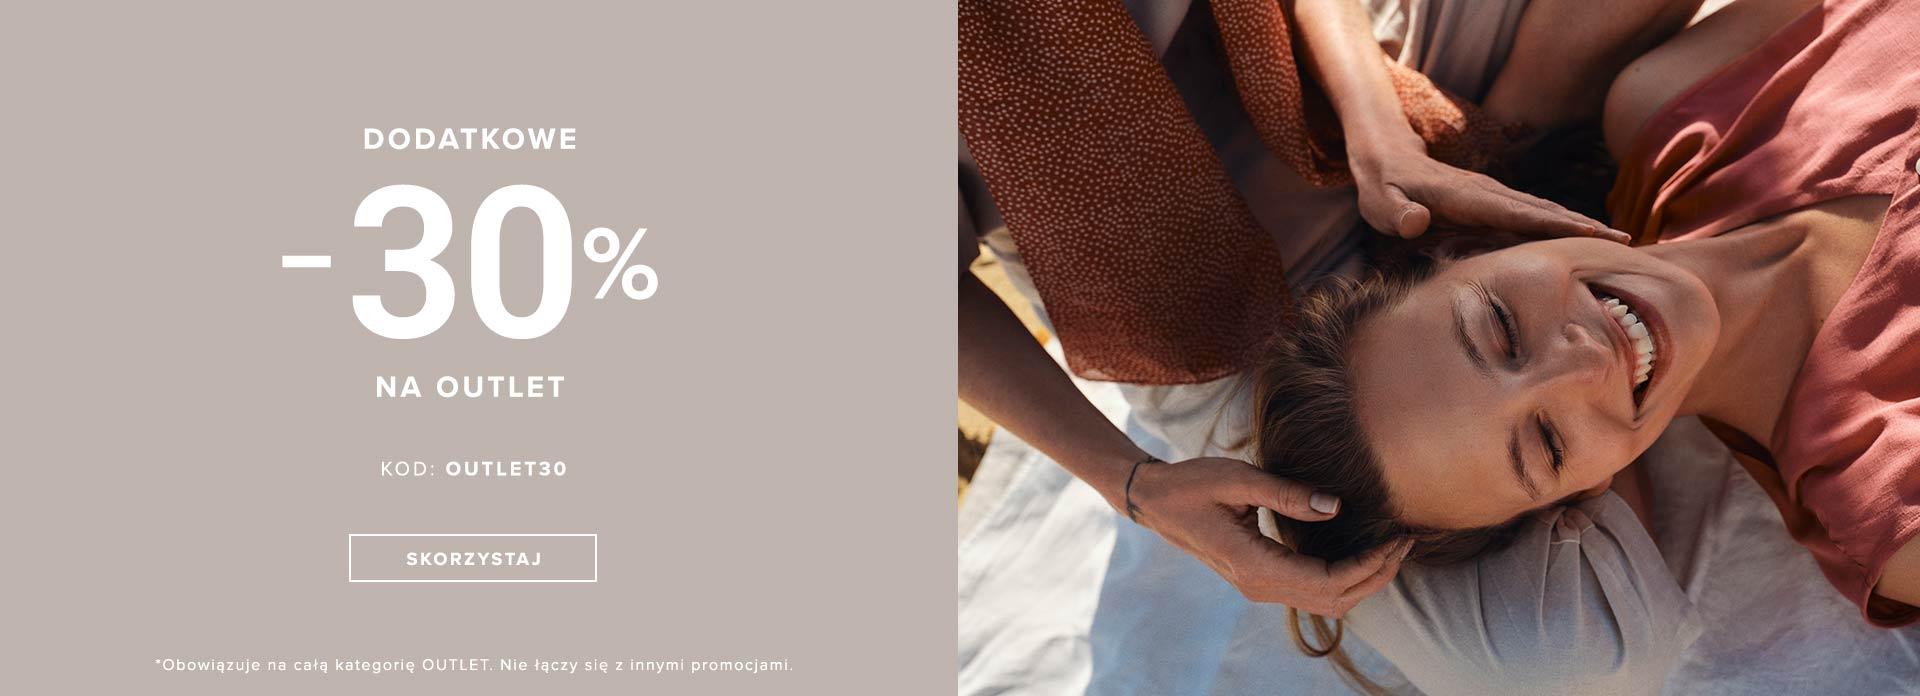 Greenpoint: dodatkowe 30% zniżki na produkty z kategorii outlet